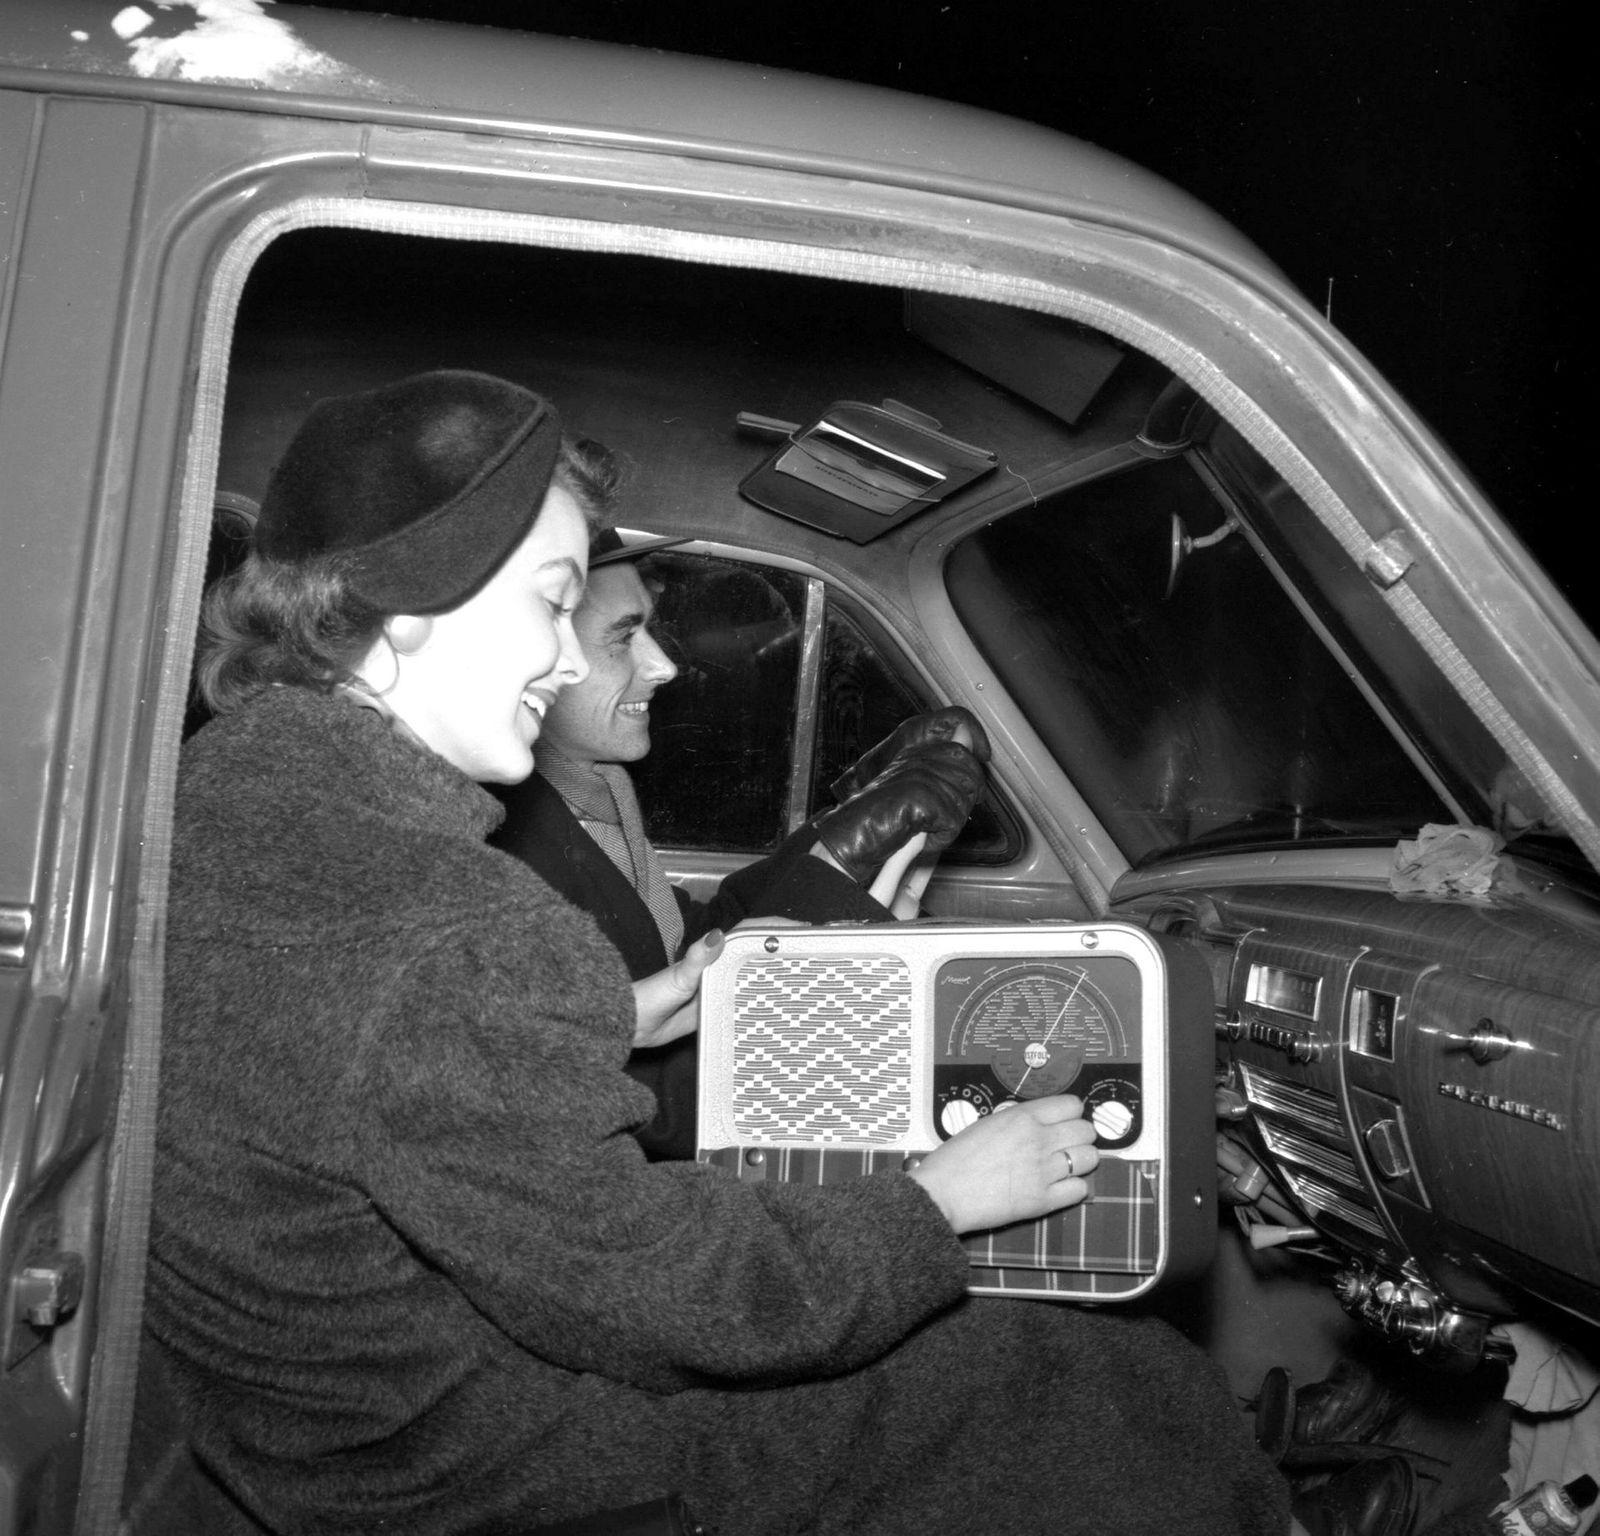 Et foto fra 1955 viser et lykkelig par med reiseradio av typen Mascot som er produsert ved Østfold Radio.